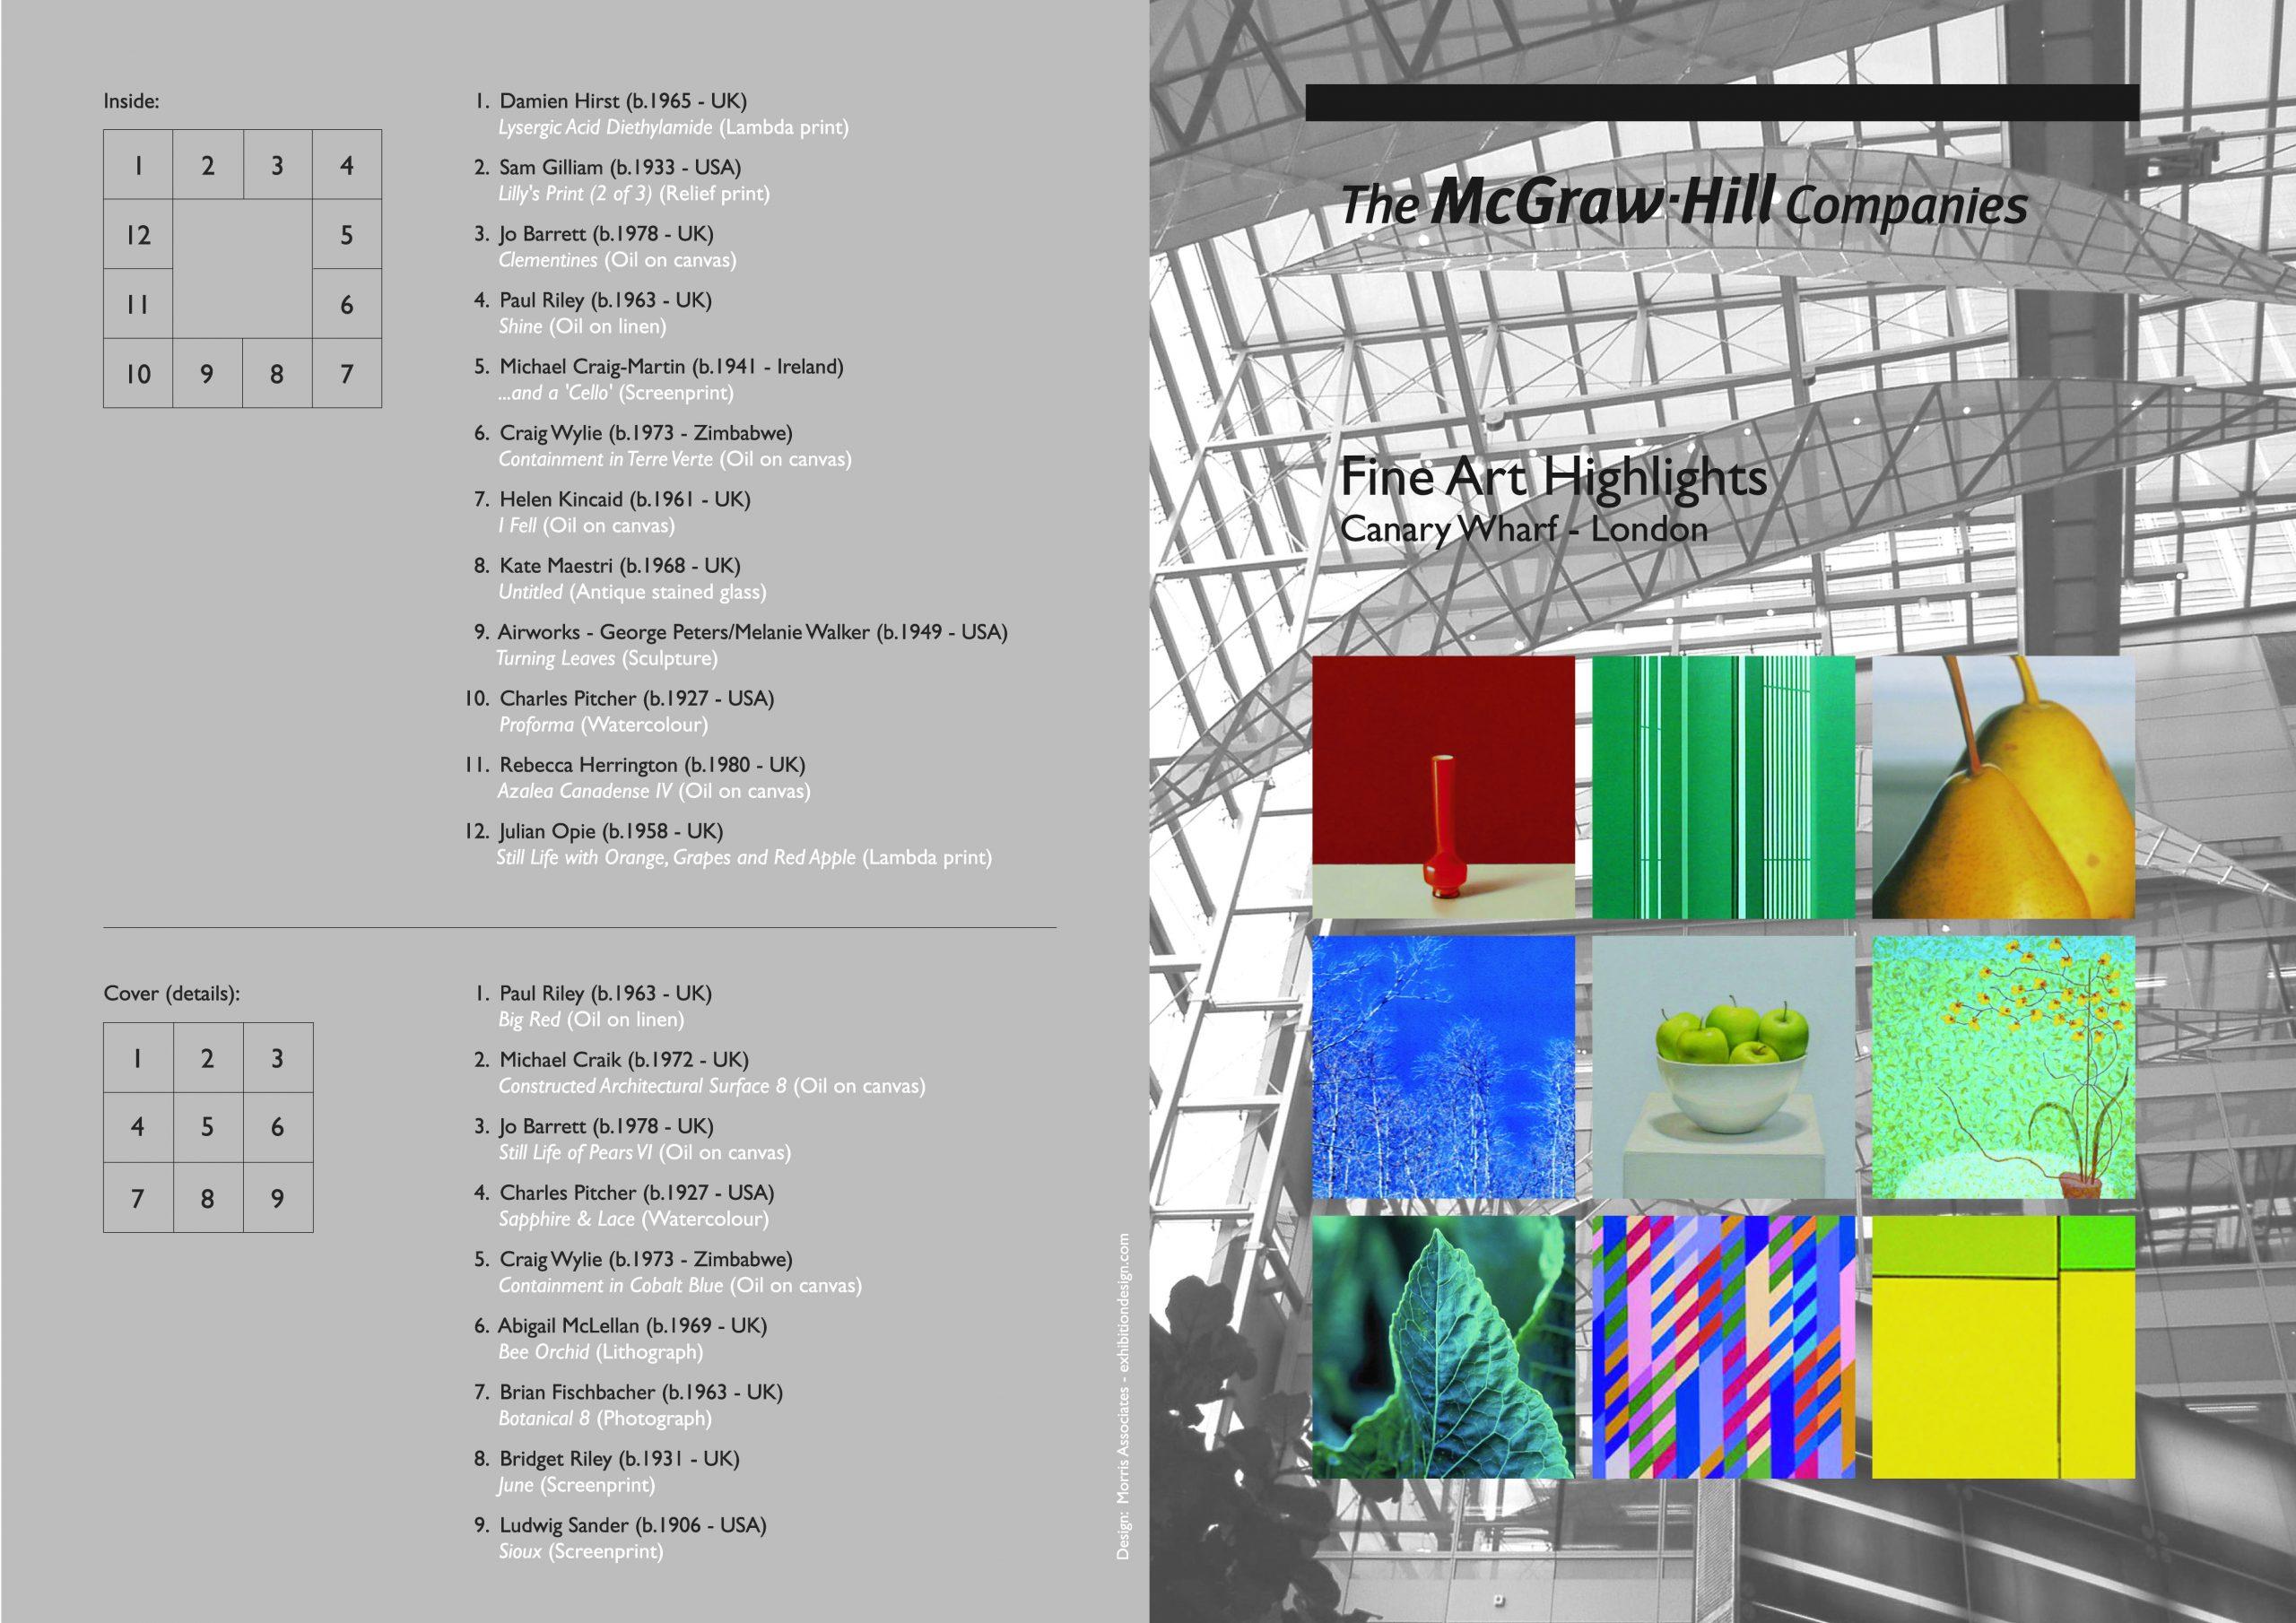 McGraw-Hill Invitation and Art Brochure